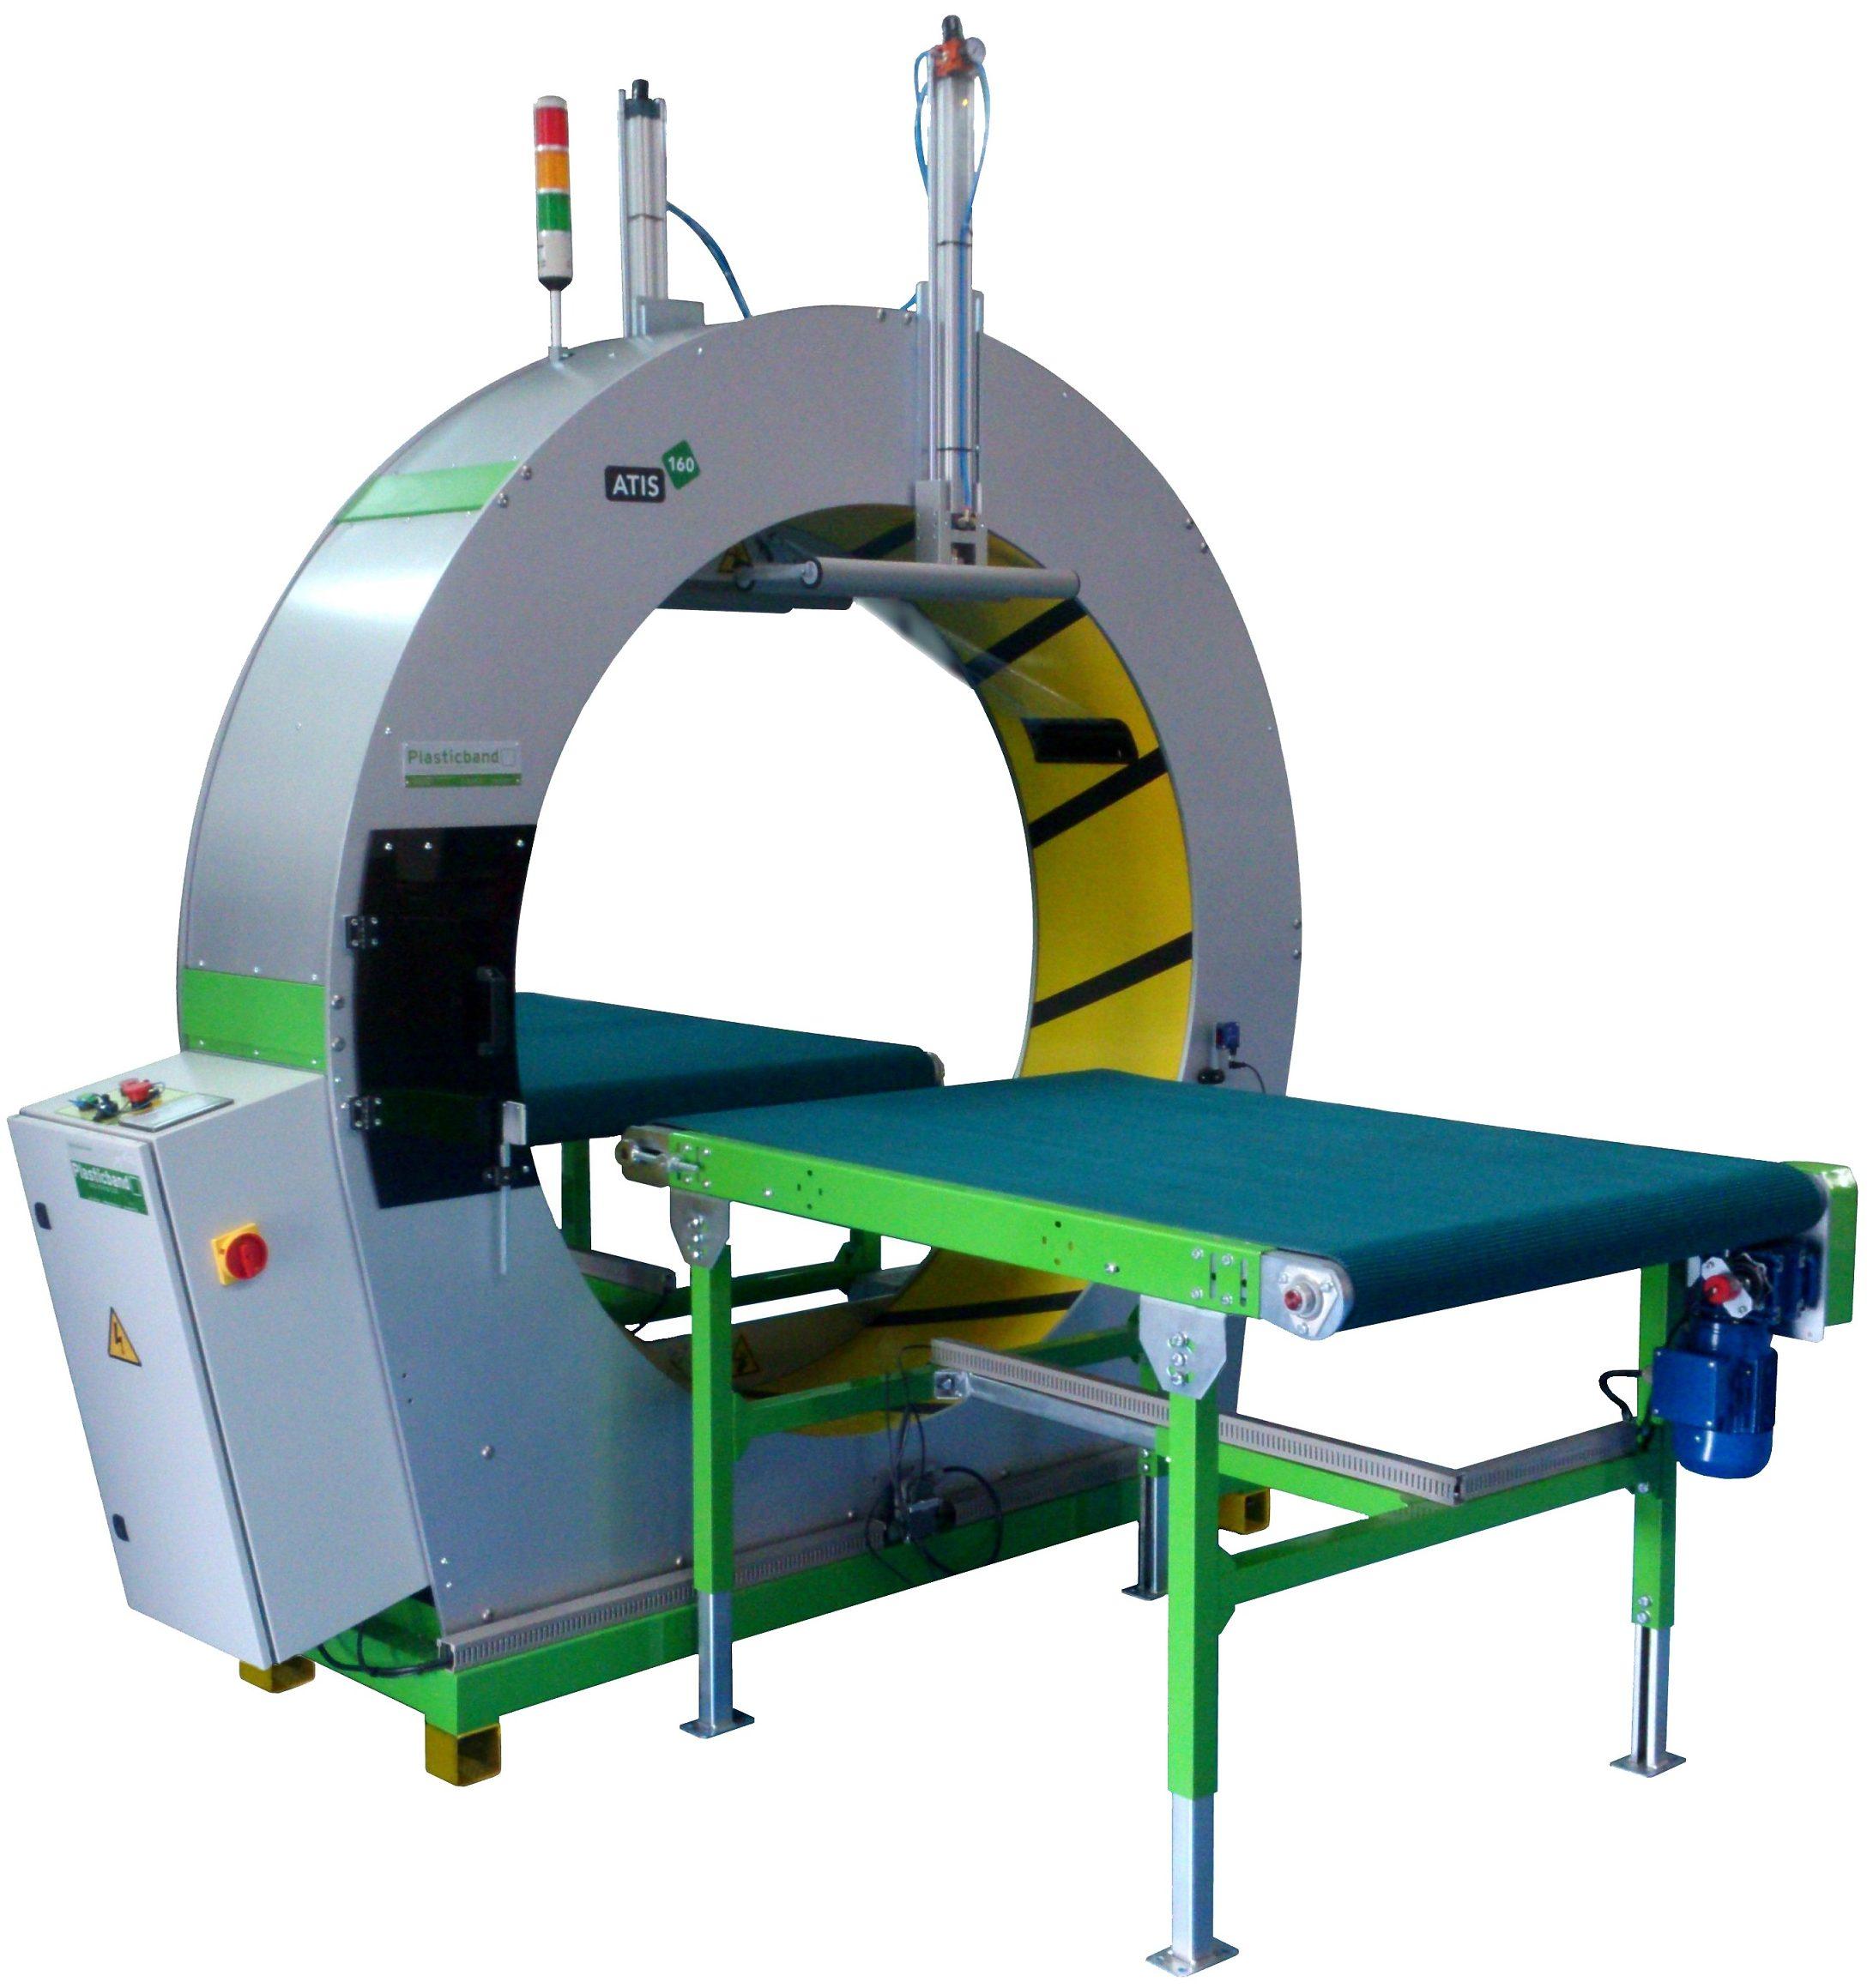 Atis 160 Spiral Wrapping Machine